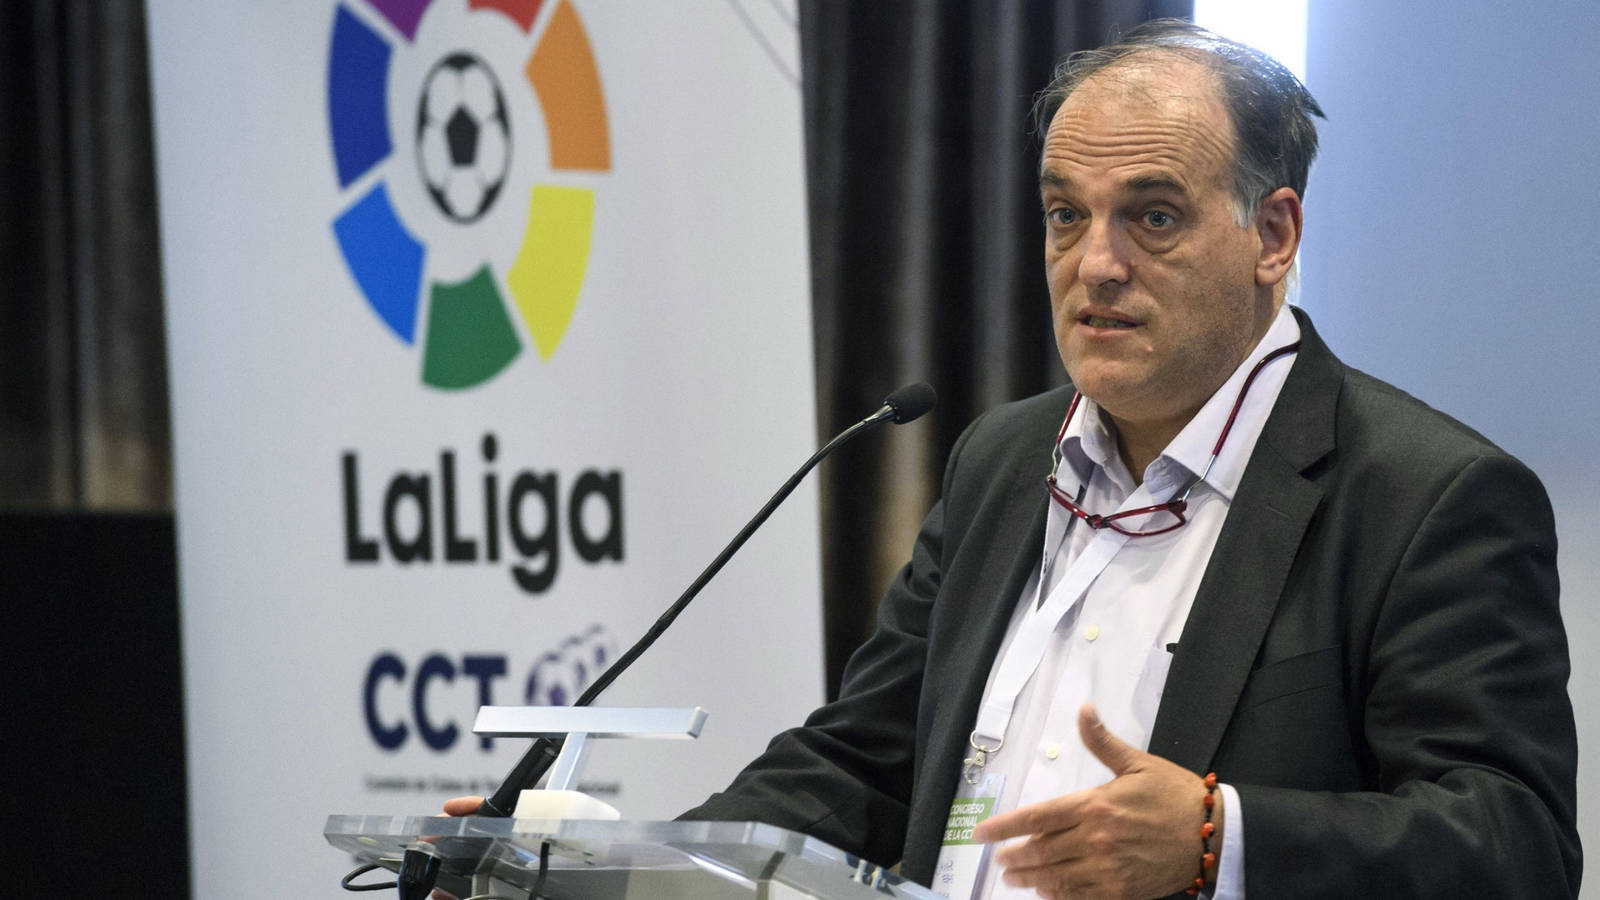 Lega, Tebas è praticamente sfumato; assemblea spaccata, si attende il ritorno di Malagò